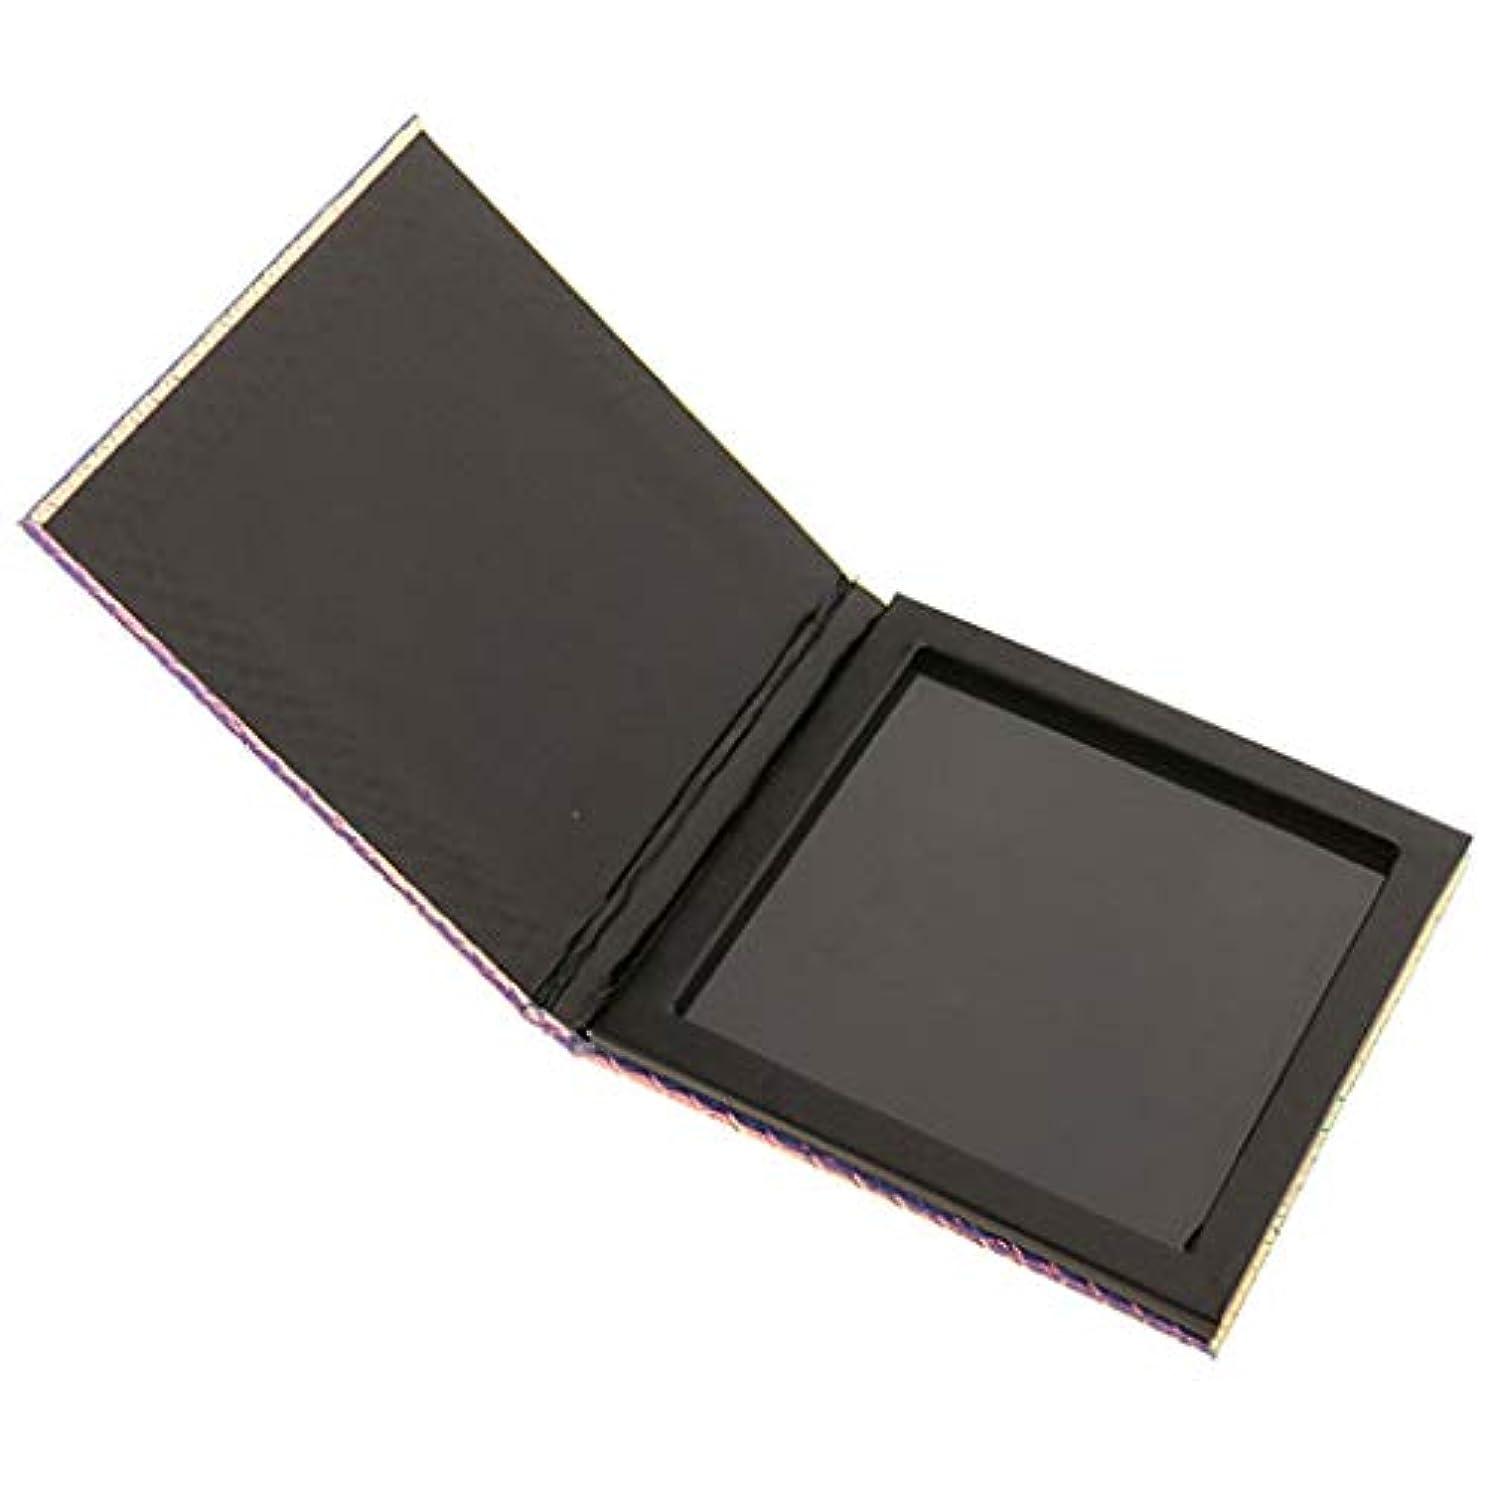 免疫石灰岩ピッチ空の磁気パレット化粧パレットパッドヒョウ大パターンDIYパレット新しい